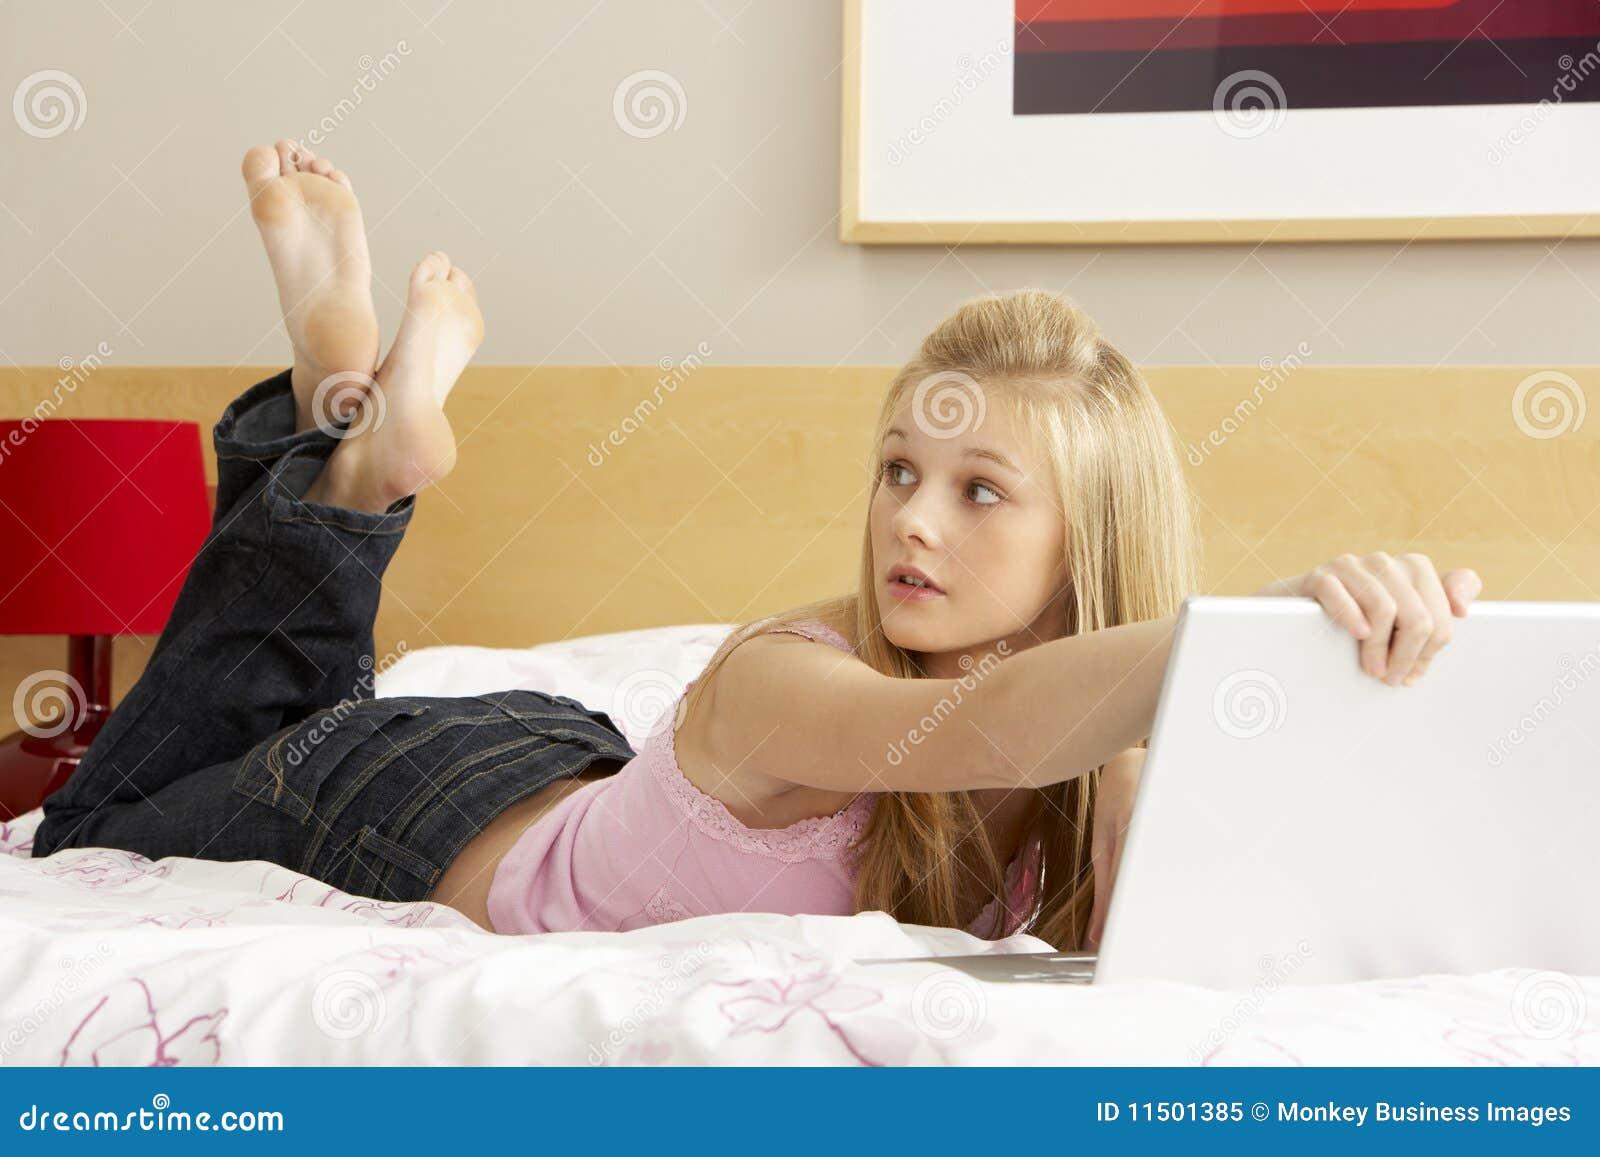 Schuldige tiener die laptop in slaapkamer met behulp van royalty vrije stock foto afbeelding - Foto van tiener slaapkamer ...